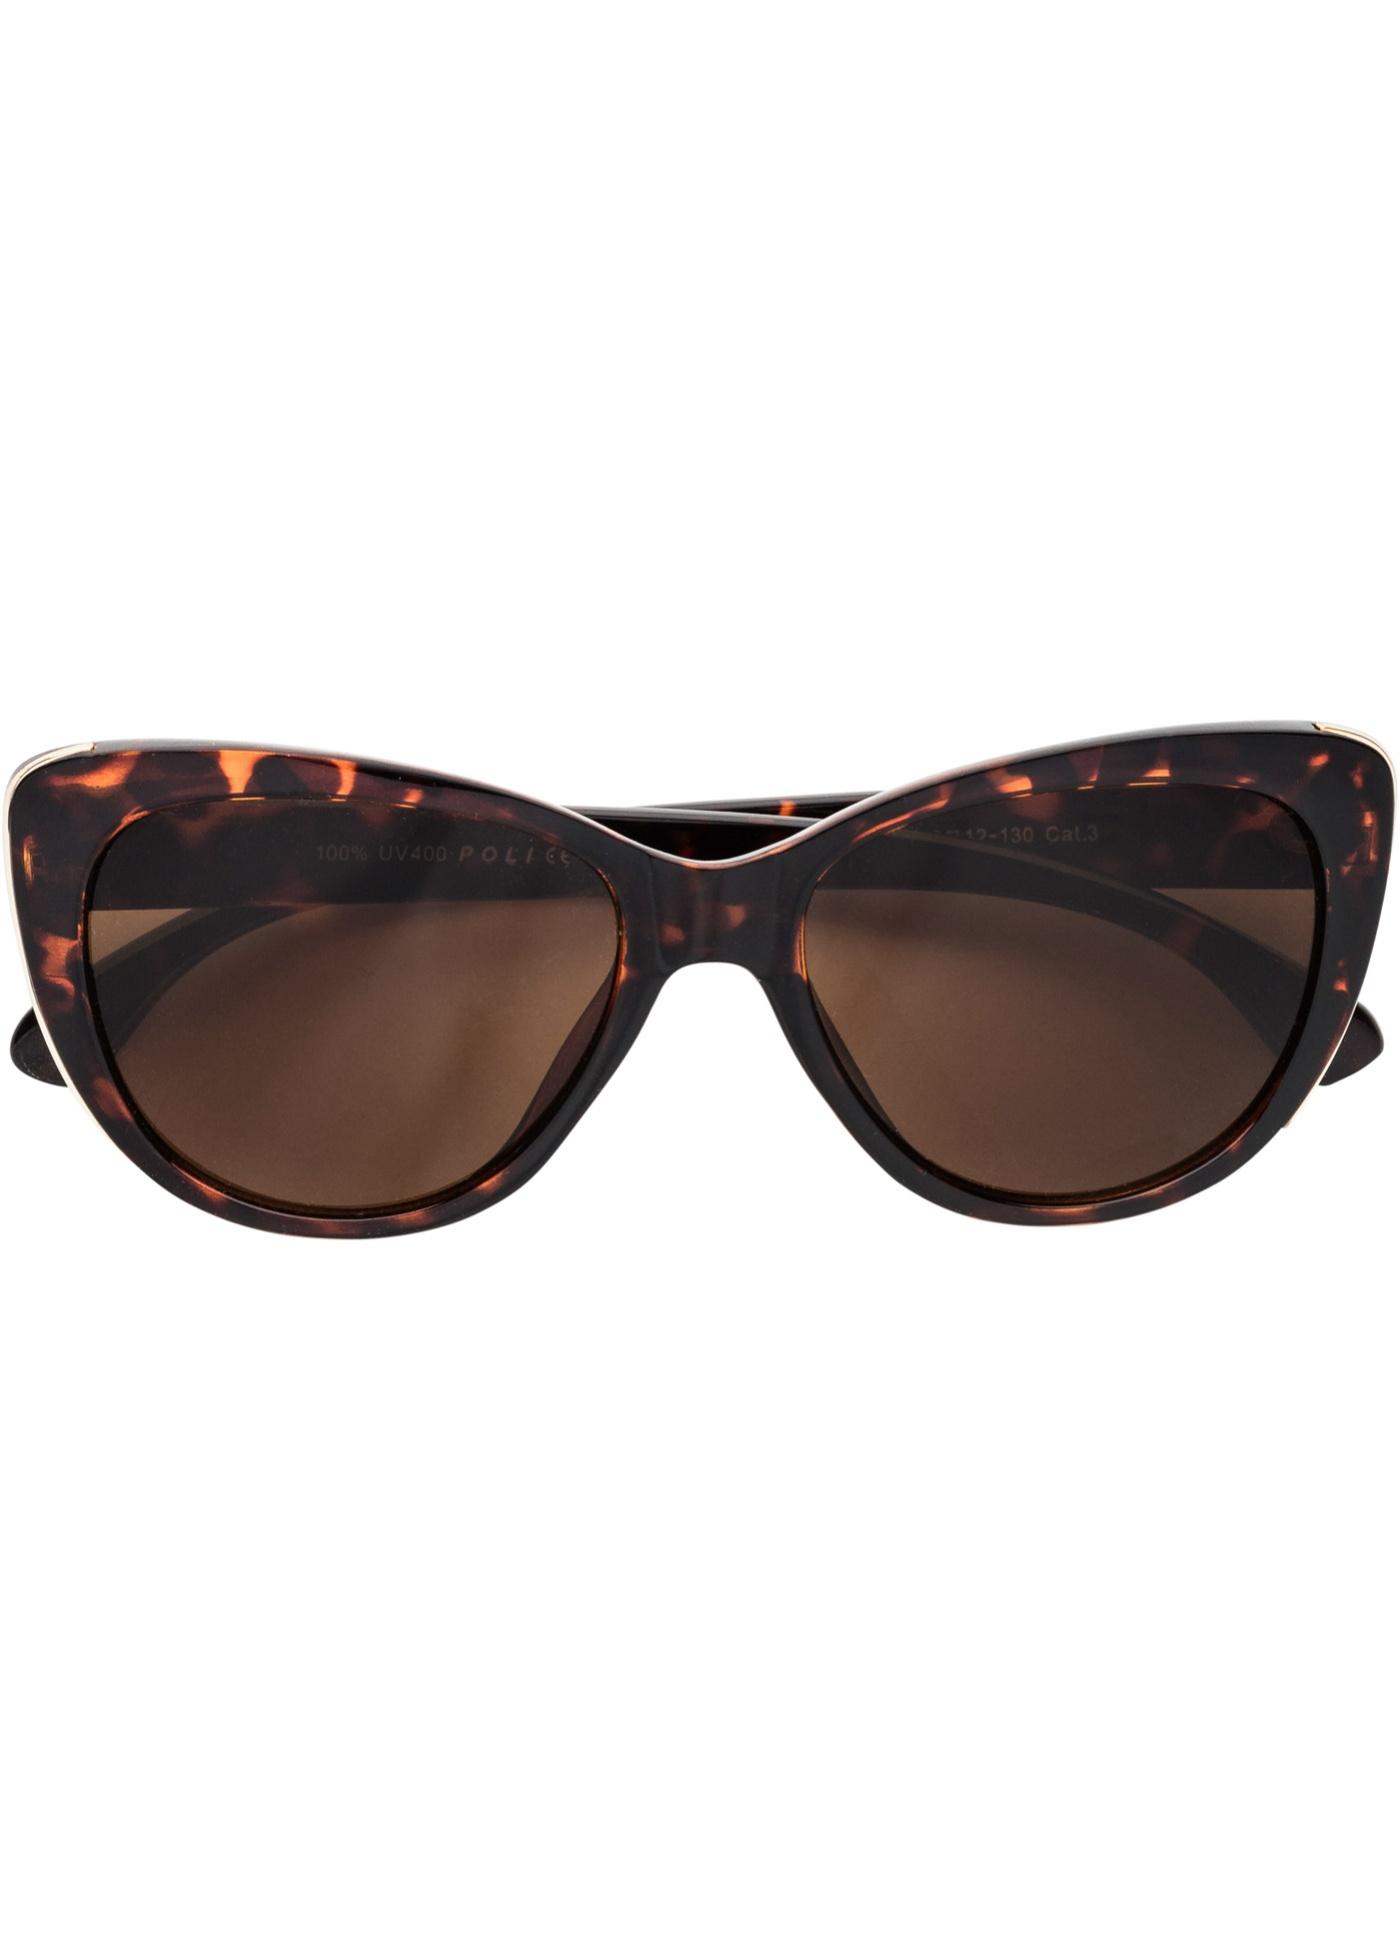 Bonprix SE - Solglasögon Cateye 129.00